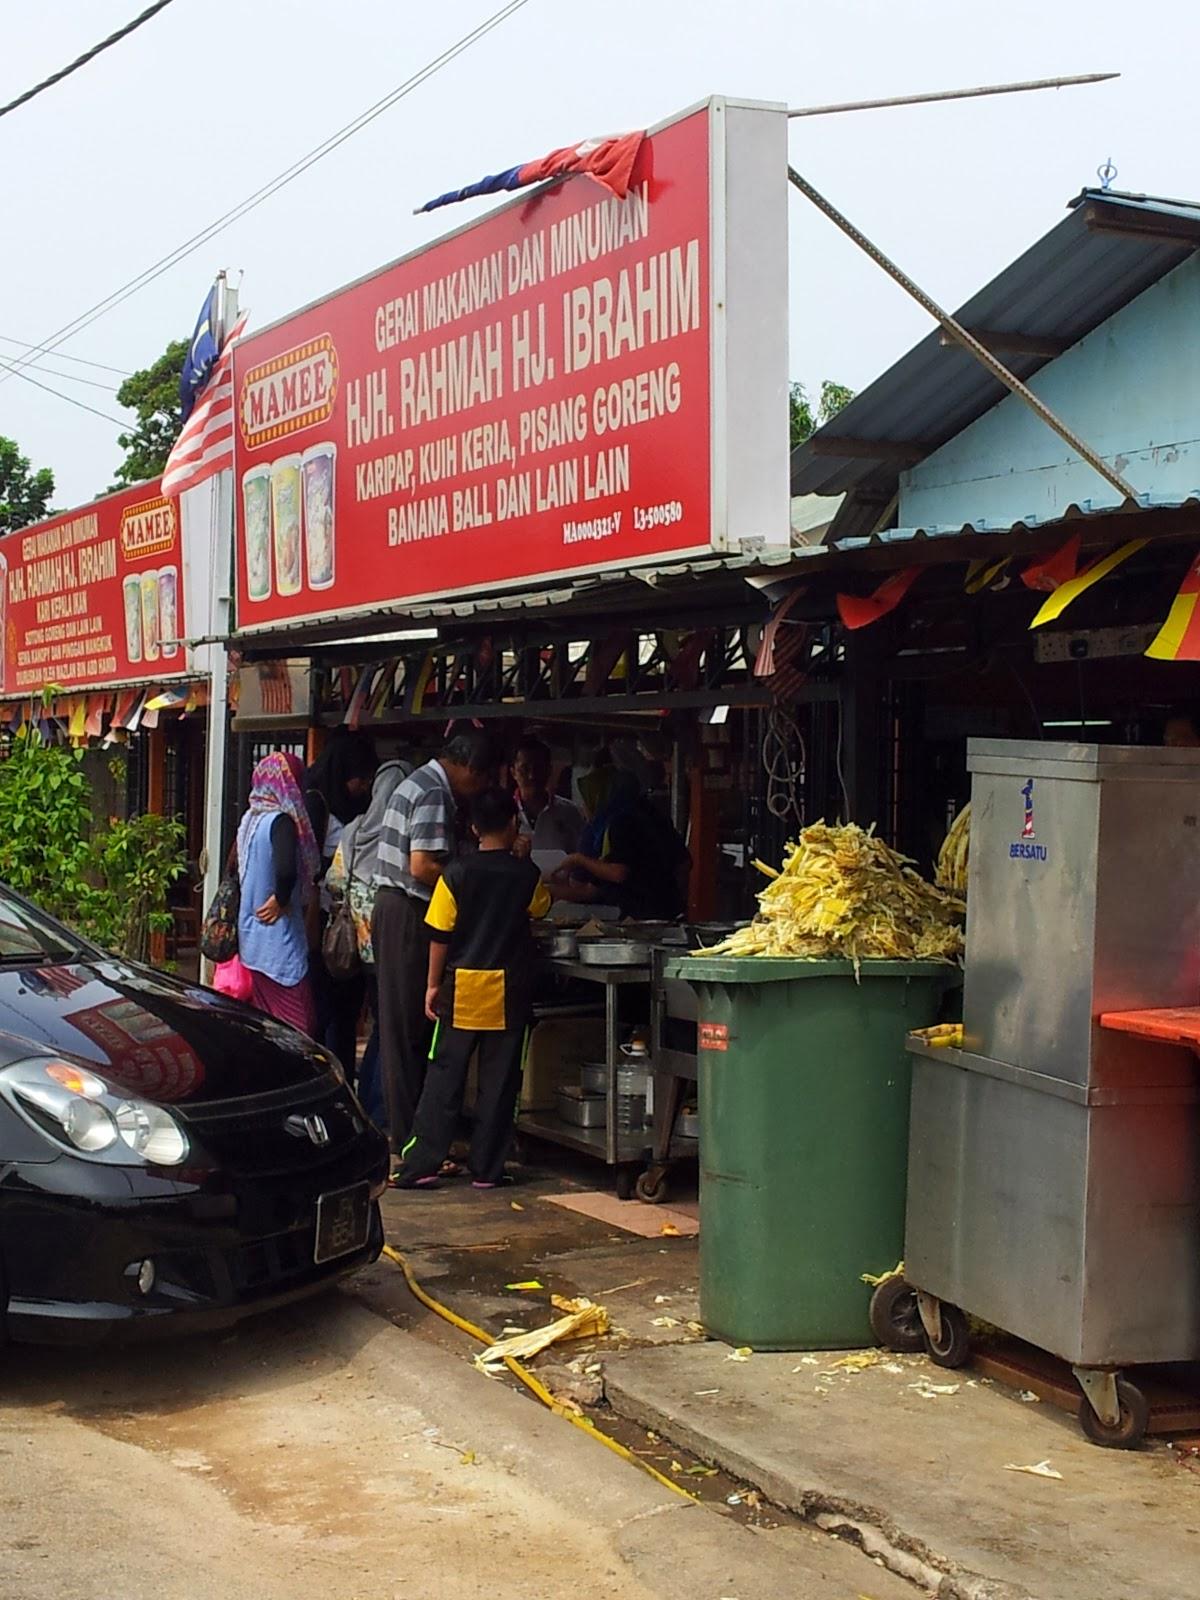 azhanaam.blogspot.com